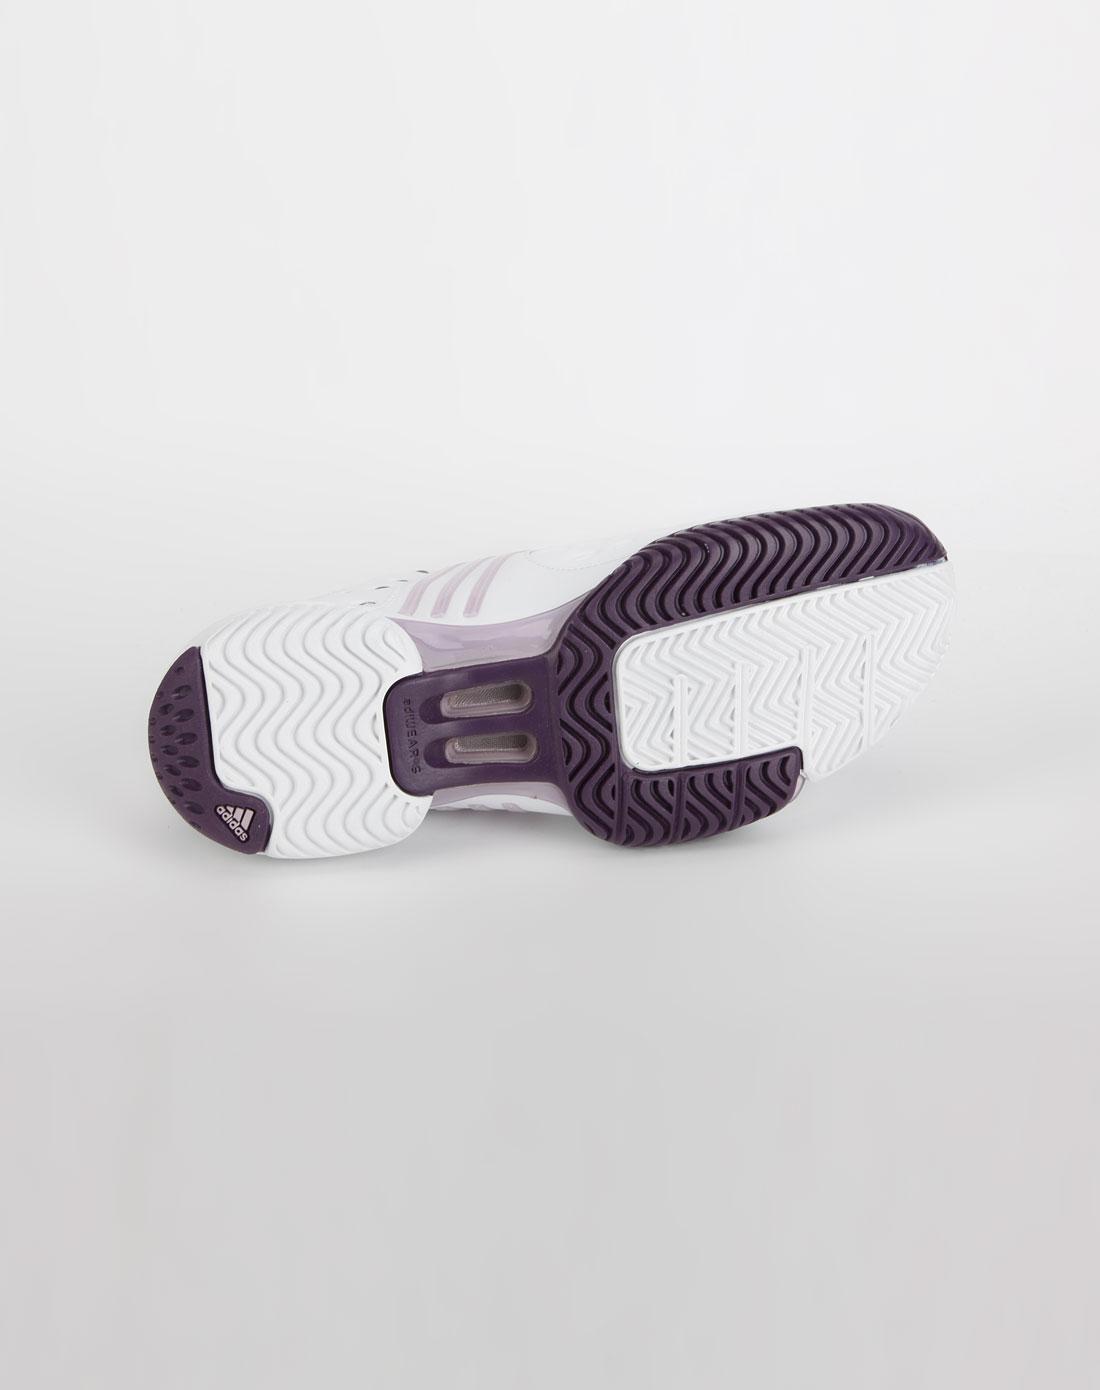 阿迪达斯adidas女款白/浅紫粉色网球鞋